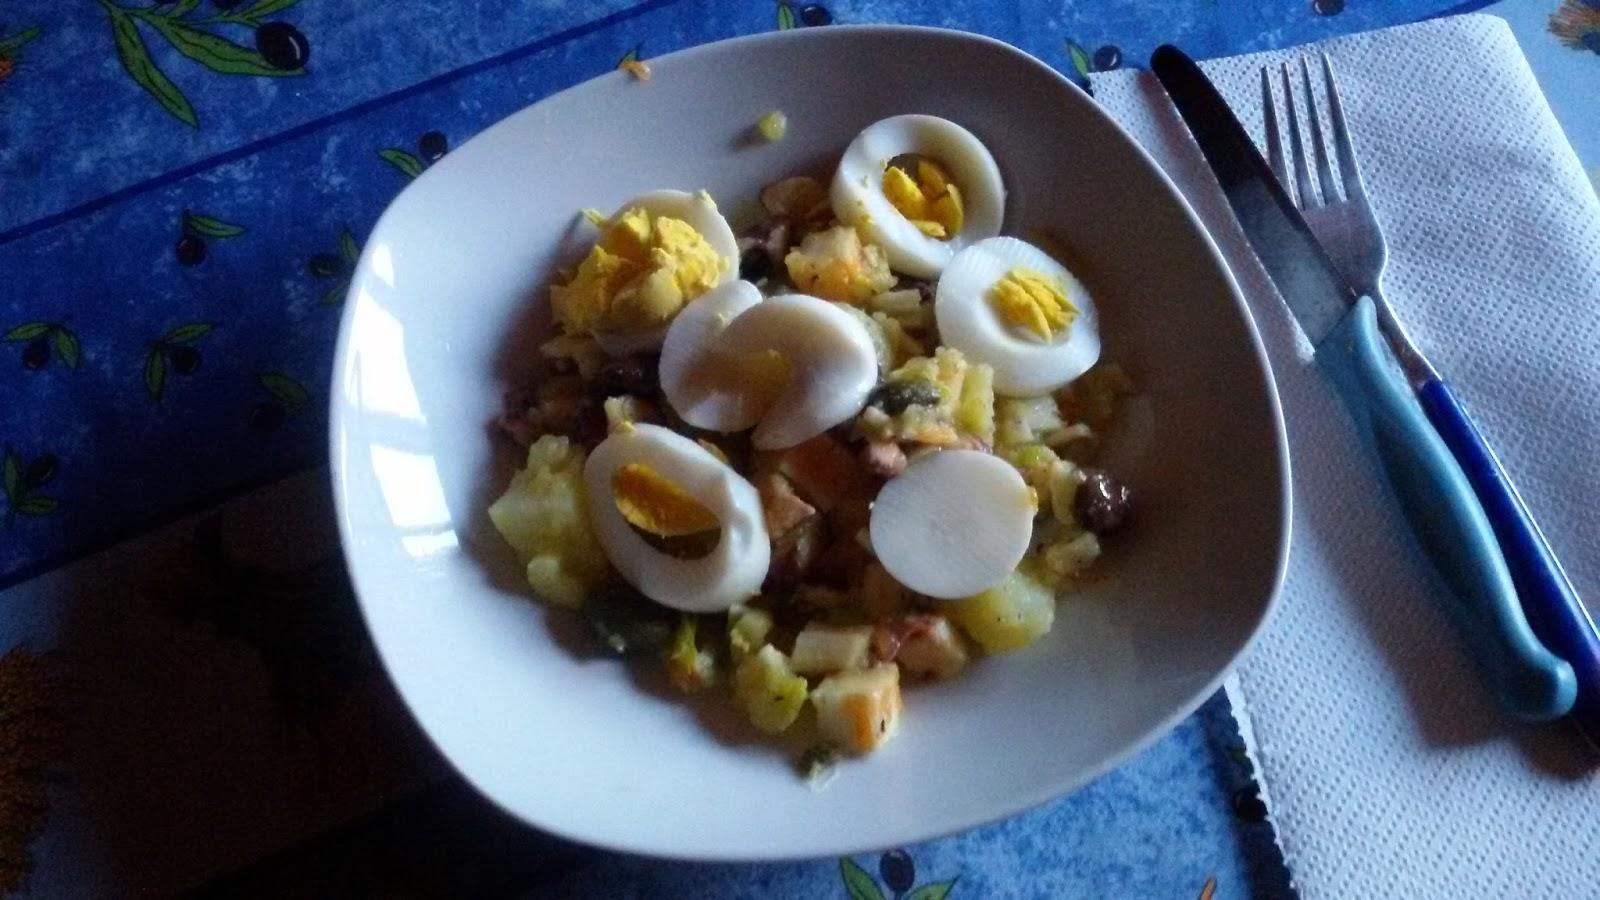 Memento solonico insalata di polpo e patate